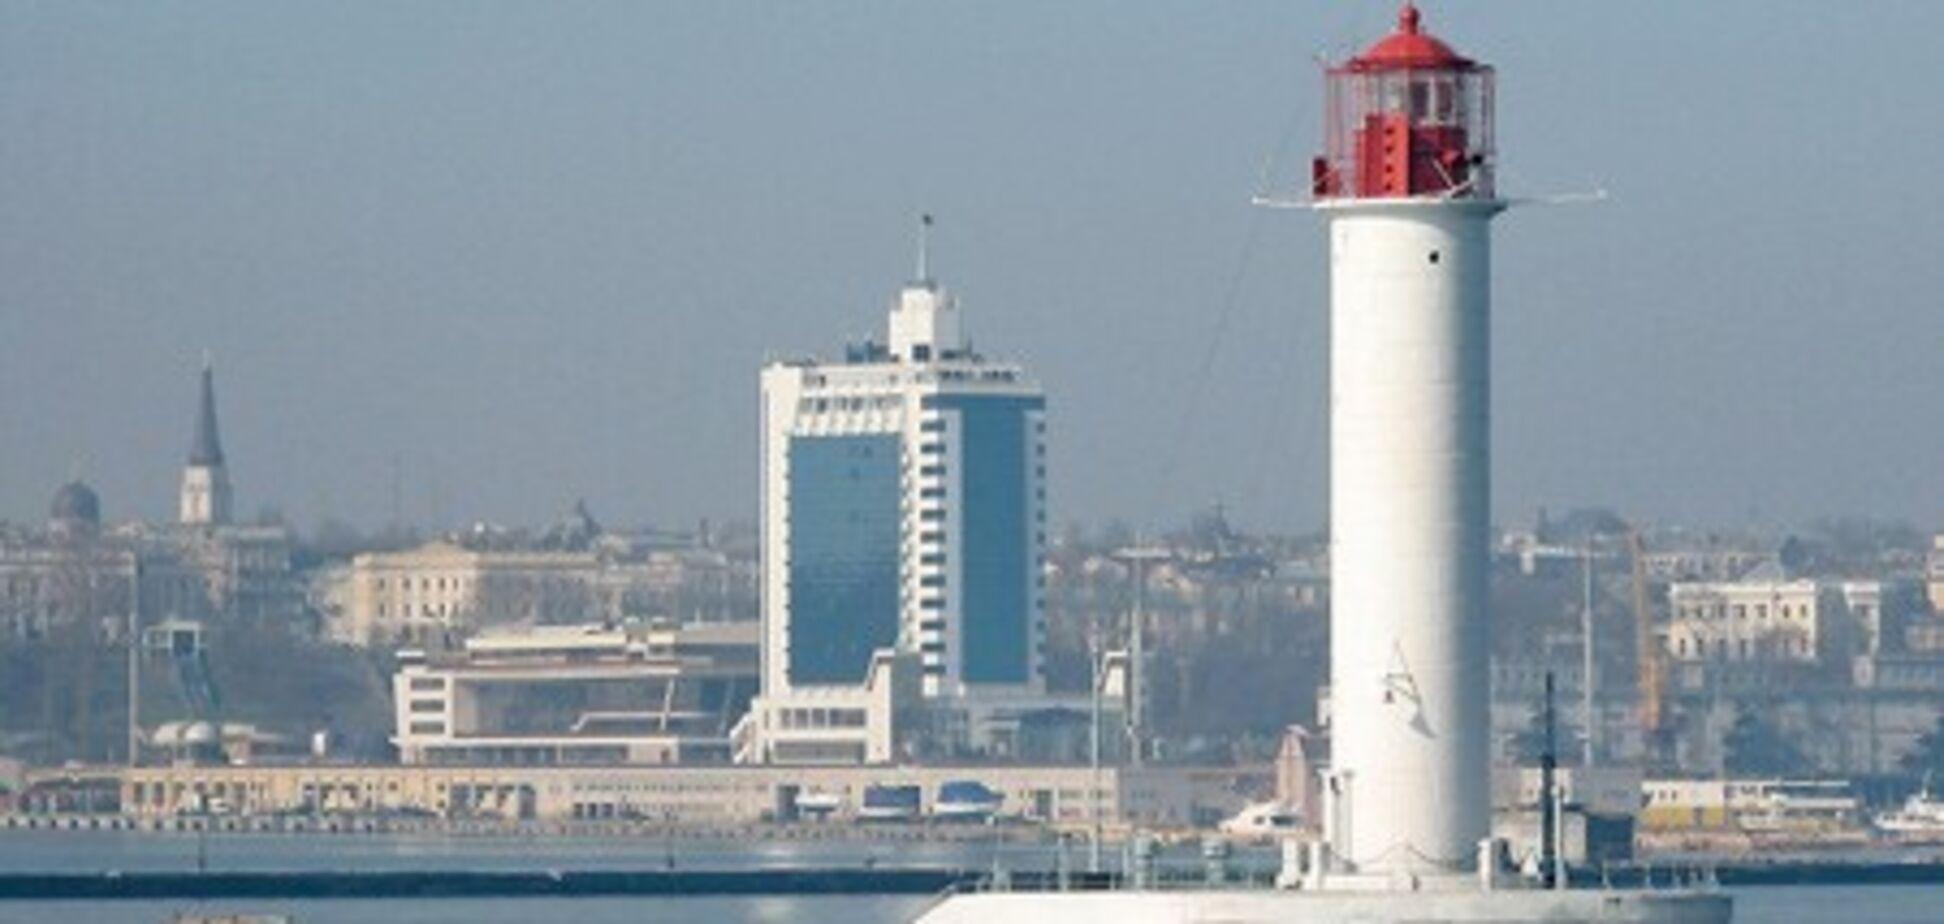 Порядок взаємодії держорганів по екозахисту у портах вийшов на фінішну пряму - ЄБА